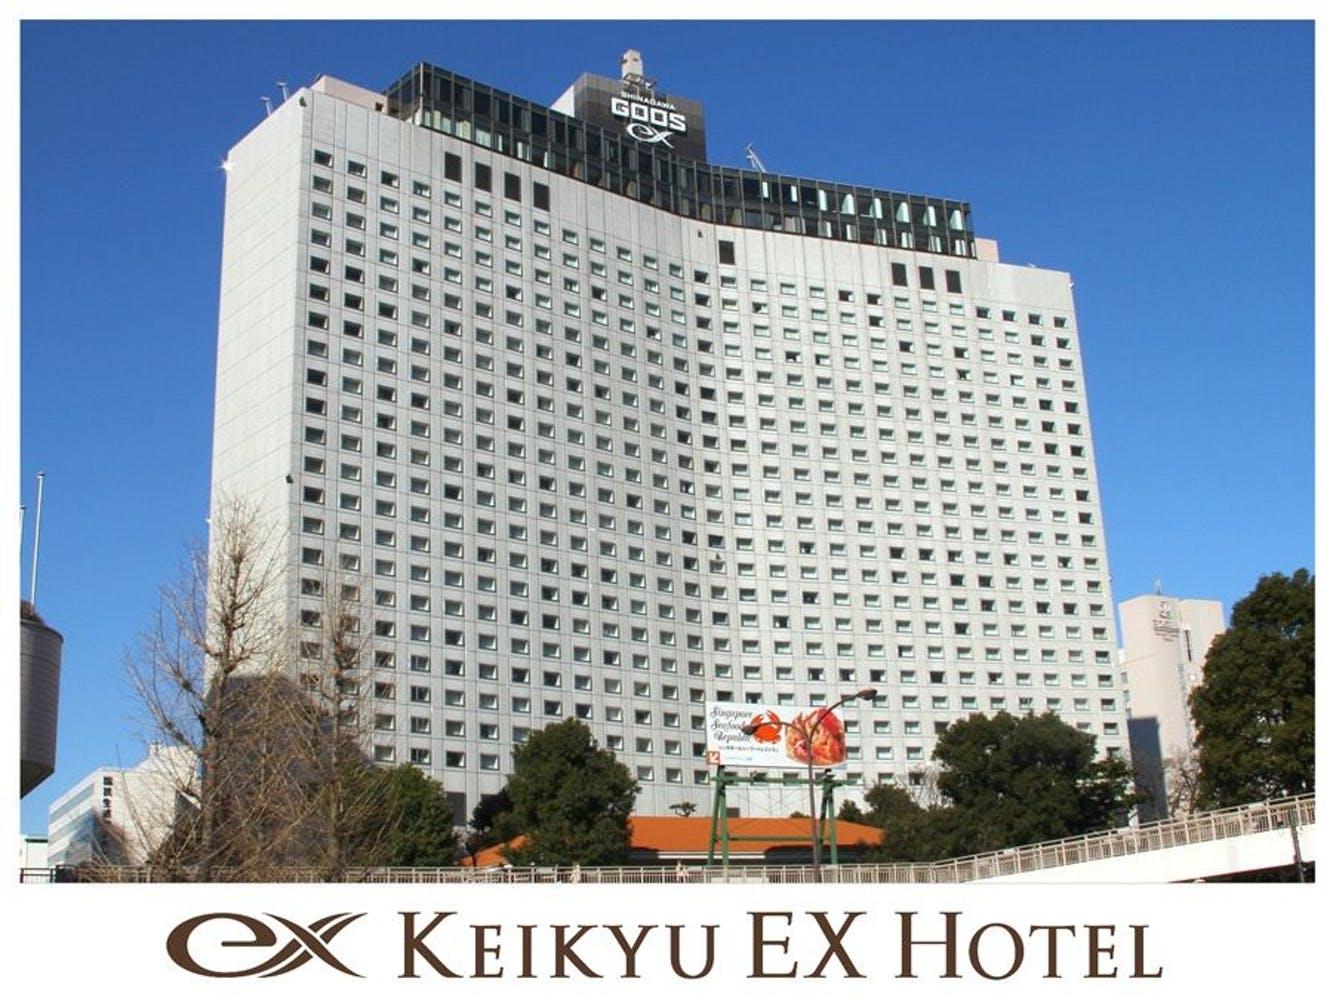 京急EXホテル品川(旧京急EXイン品川駅前) 写真1